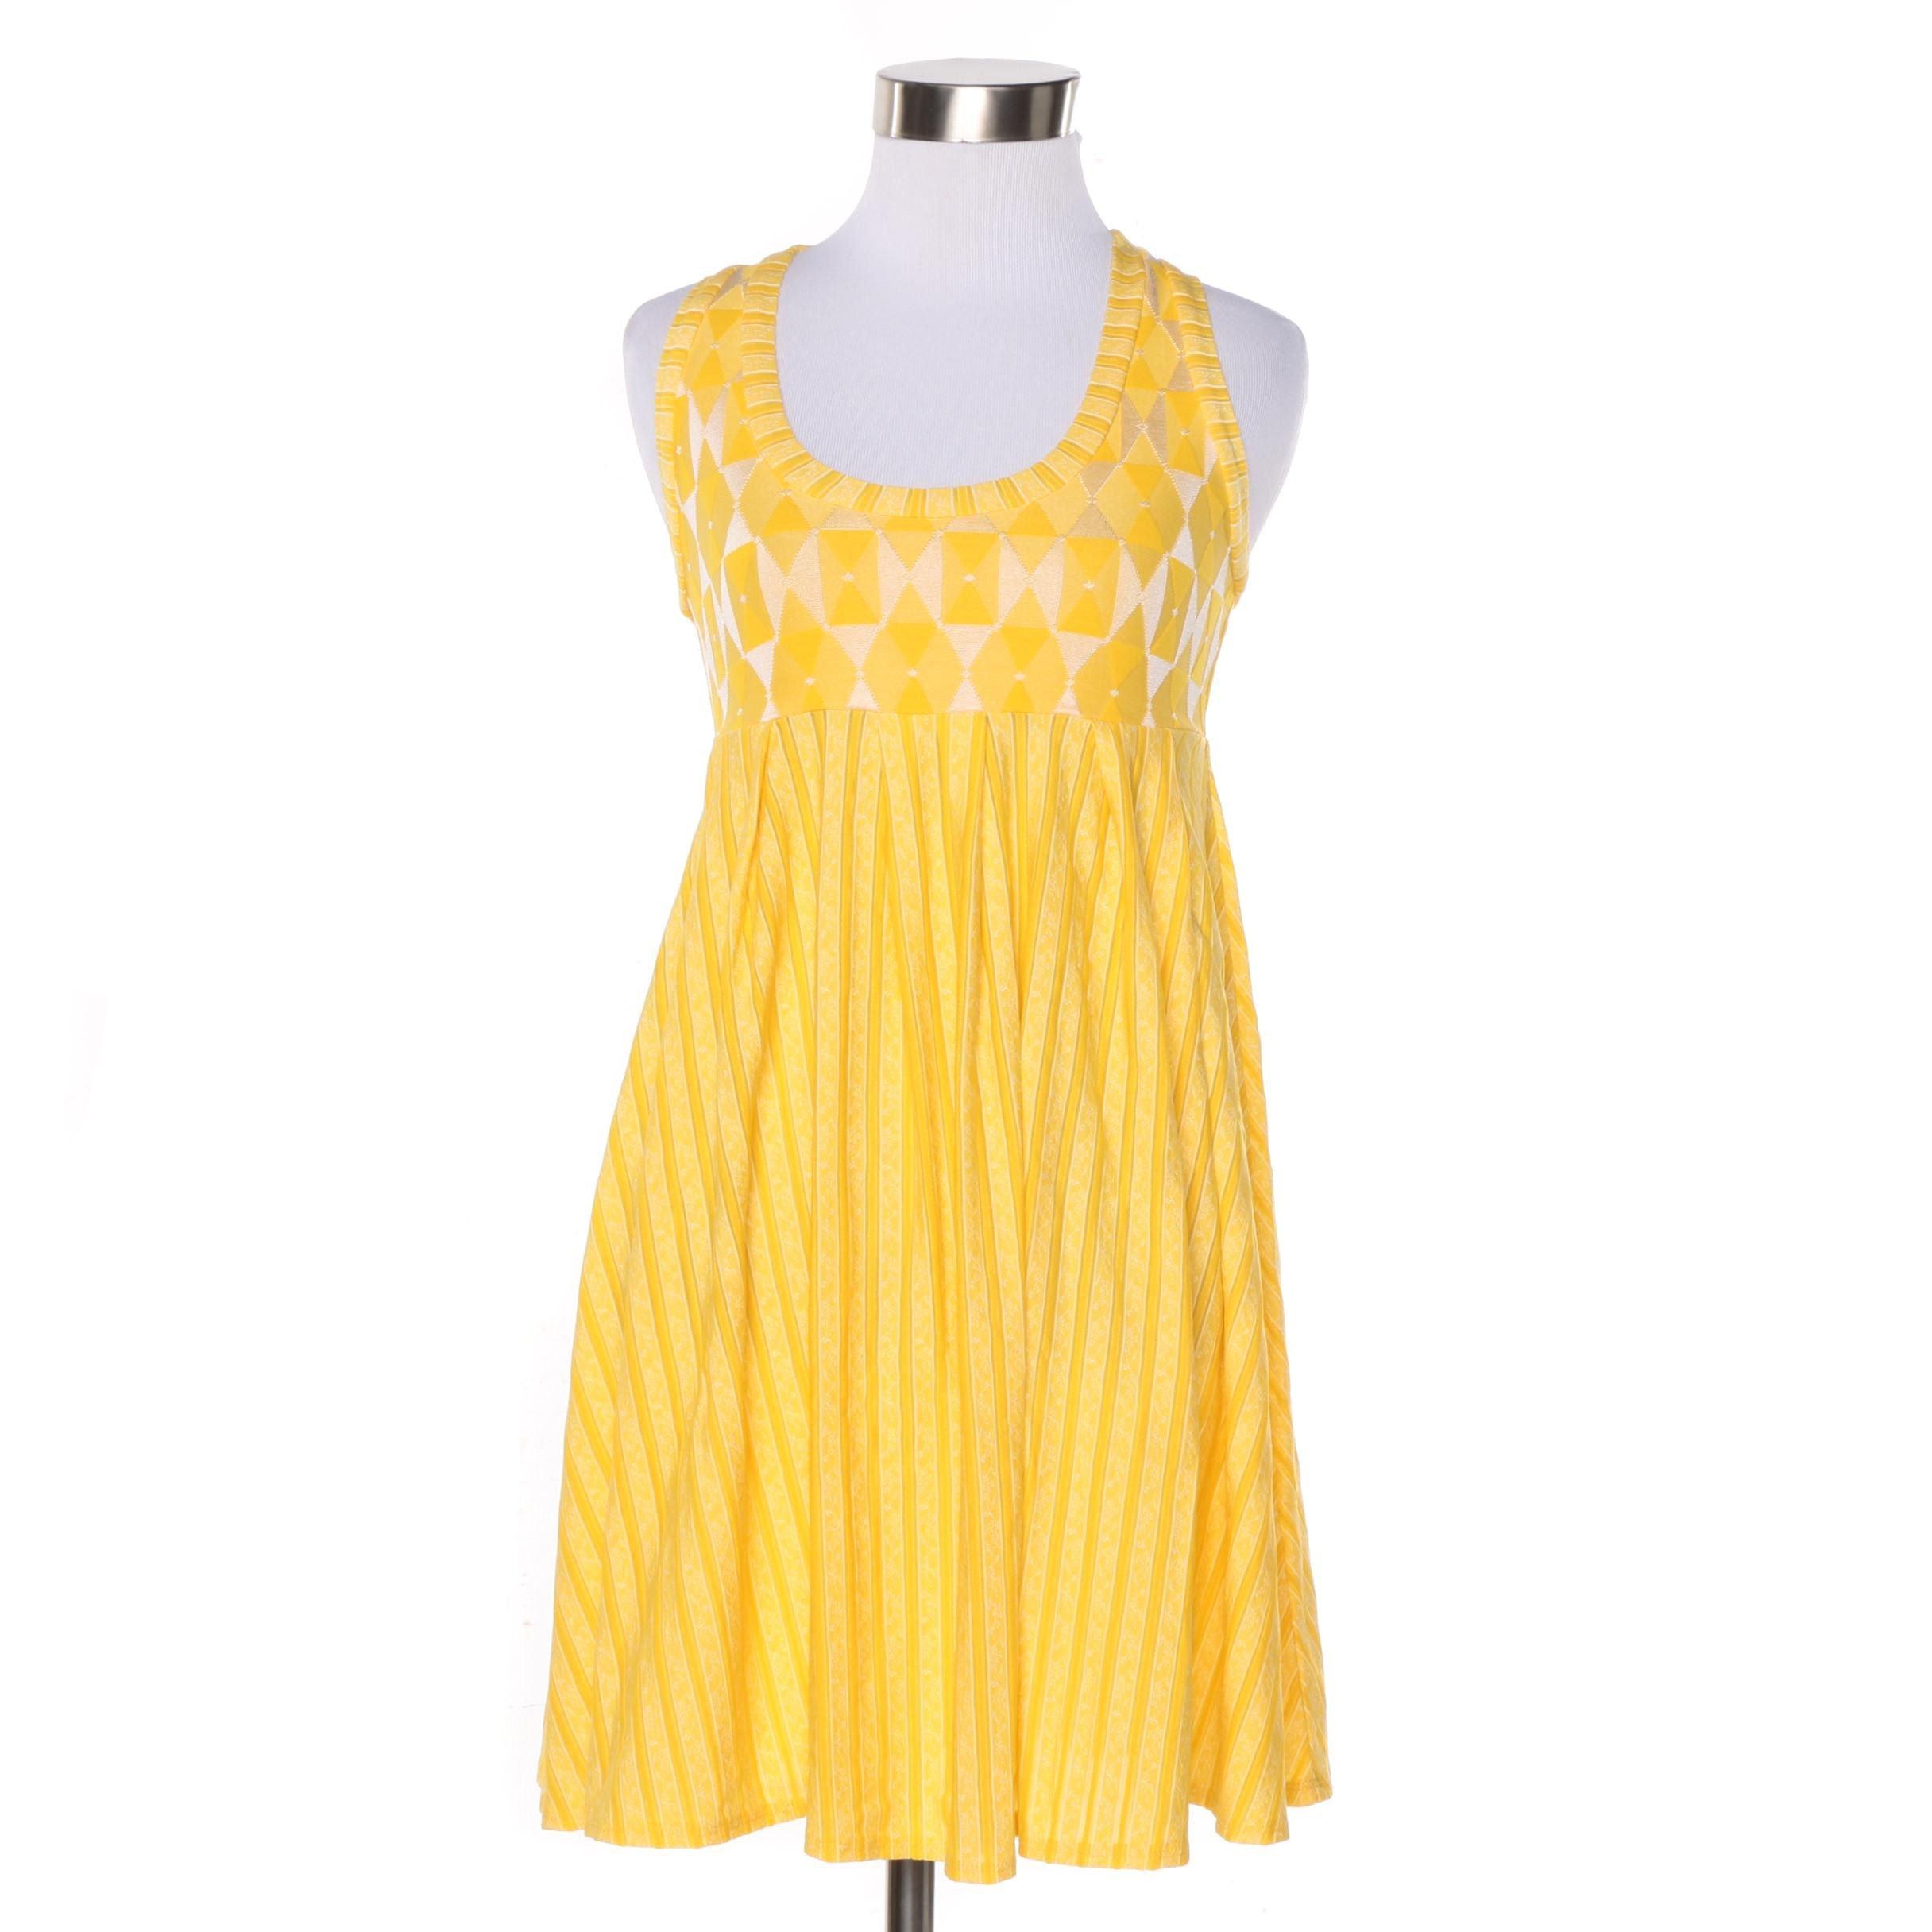 Becca by Rebecca Virtue Yellow Knit Sleeveless Dress